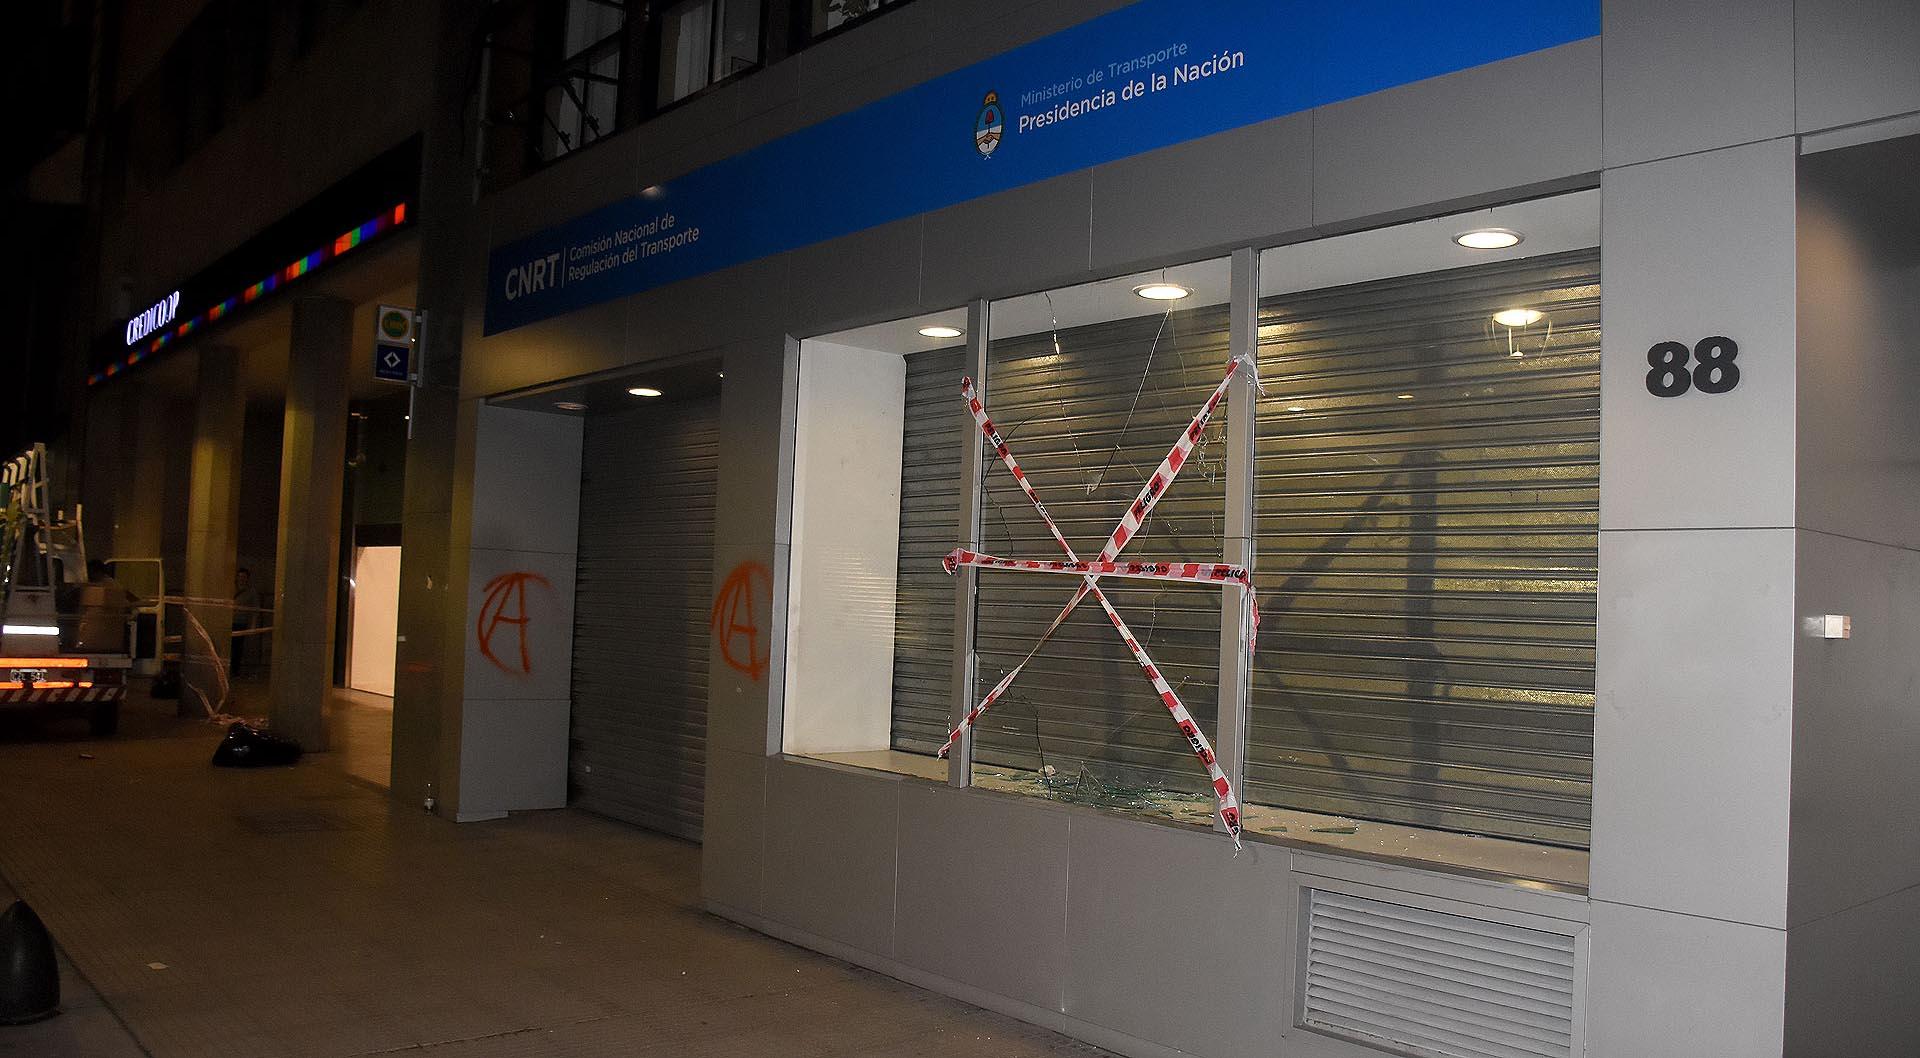 Vidrios rotos y pintadas en el edificio de la CNRT (Comisión Nacional de Regulación del Transporte) y el Banco Credicoop, en Maipú entre el 62 y 88